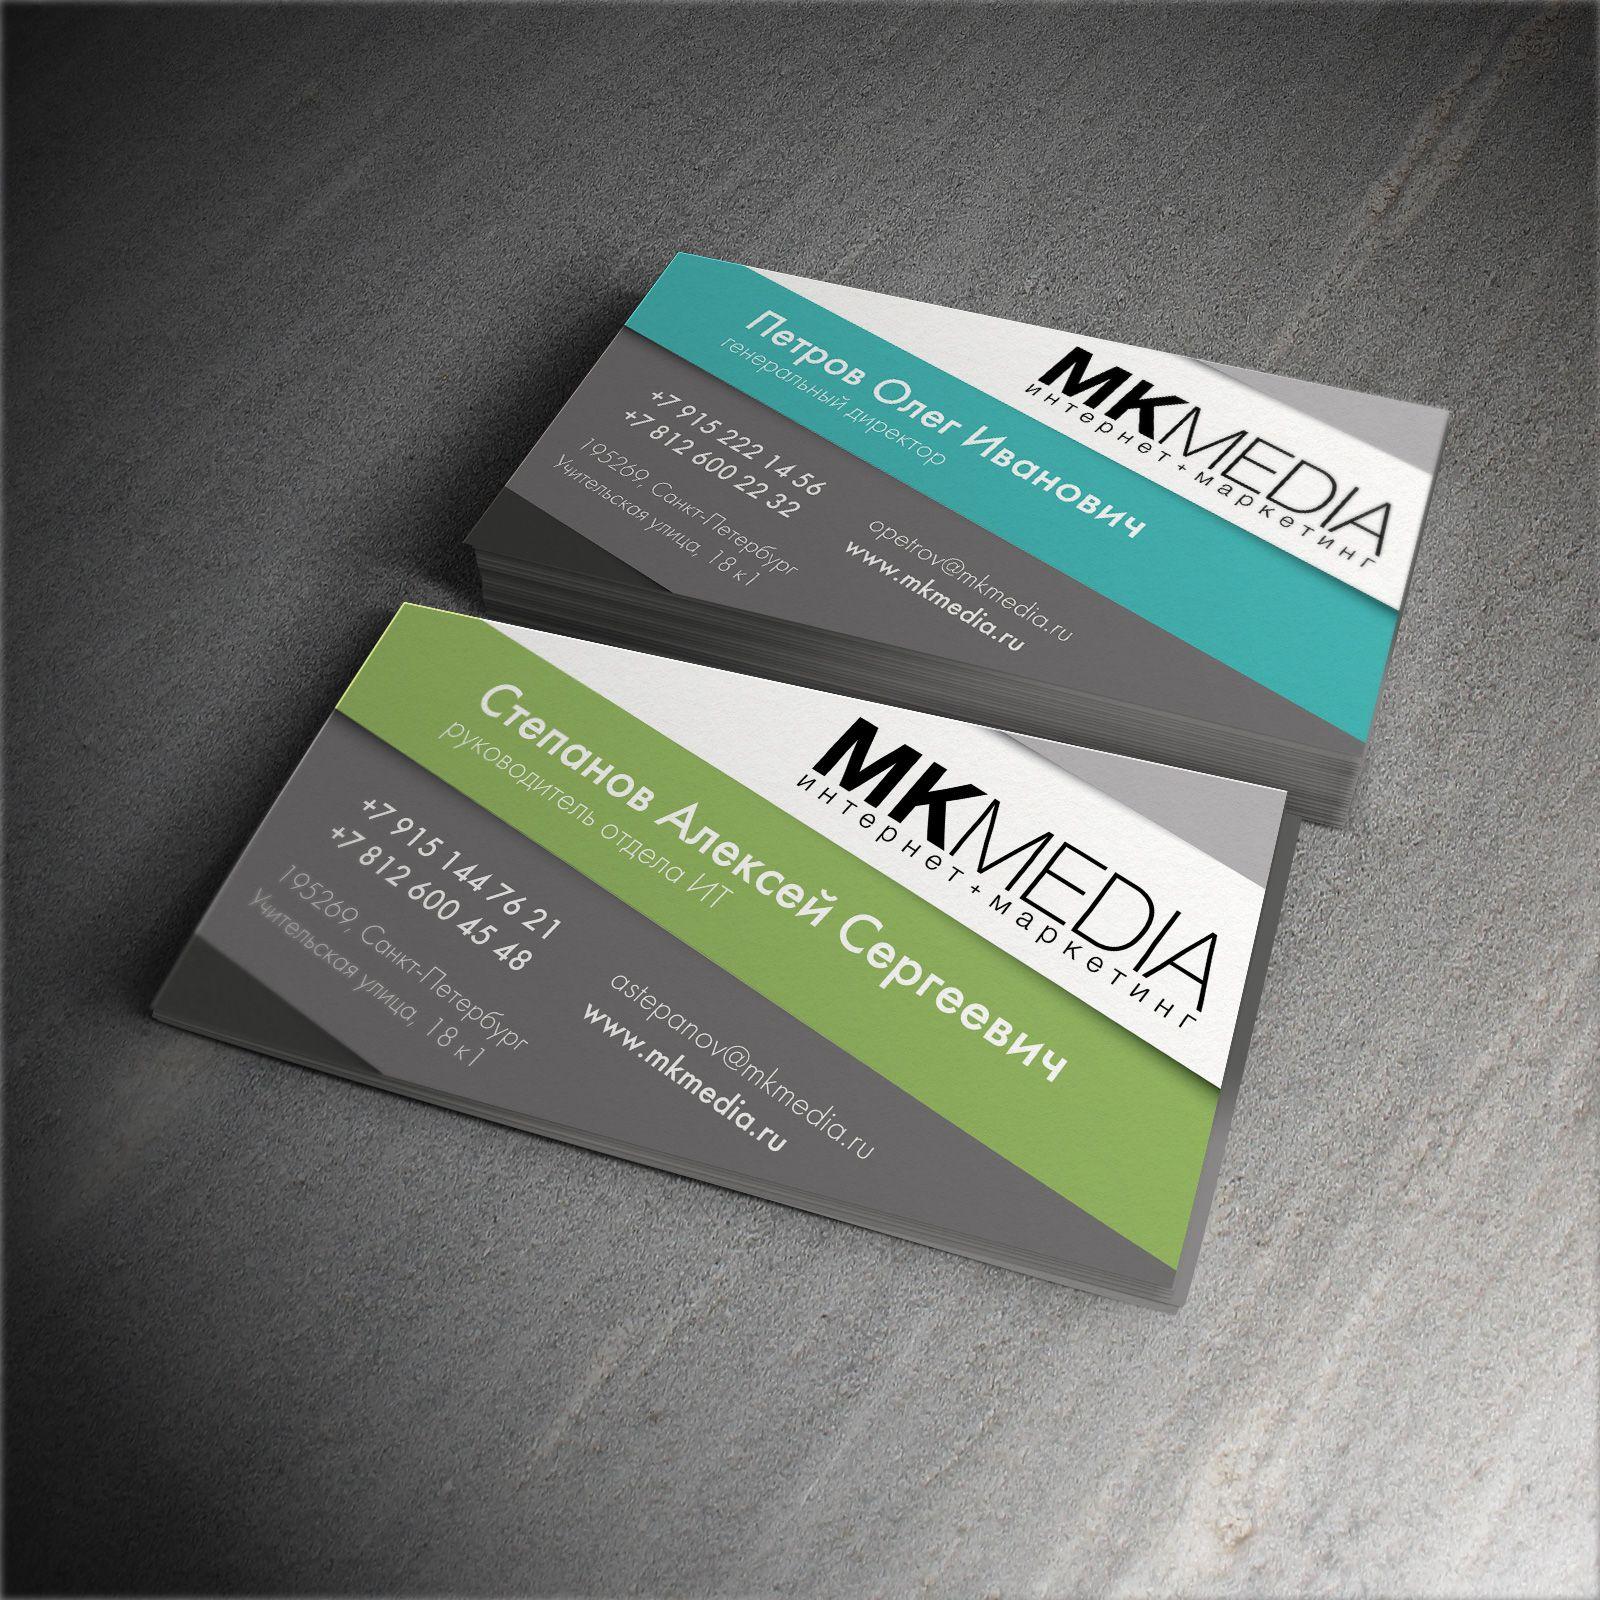 Разработка дизайна визитной карточки - дизайнер dontsaveme0